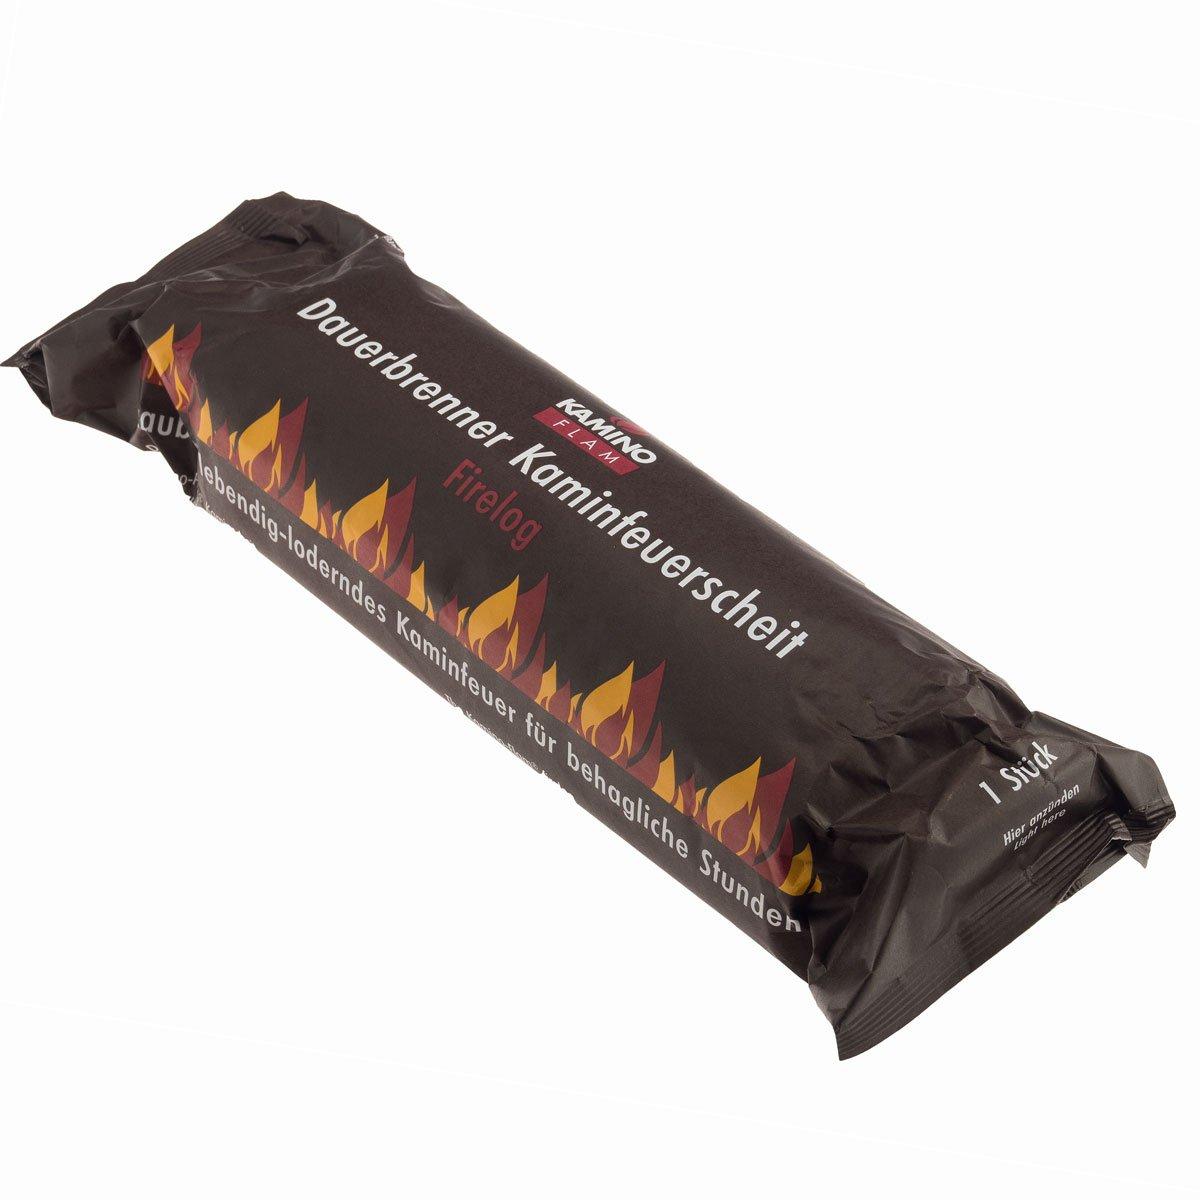 Lot de 10 Kamino Flam (1 carton de 10 barres) - pour feu de cheminée - bûches, combustibles pour cheminées, bois, poêle en faïence